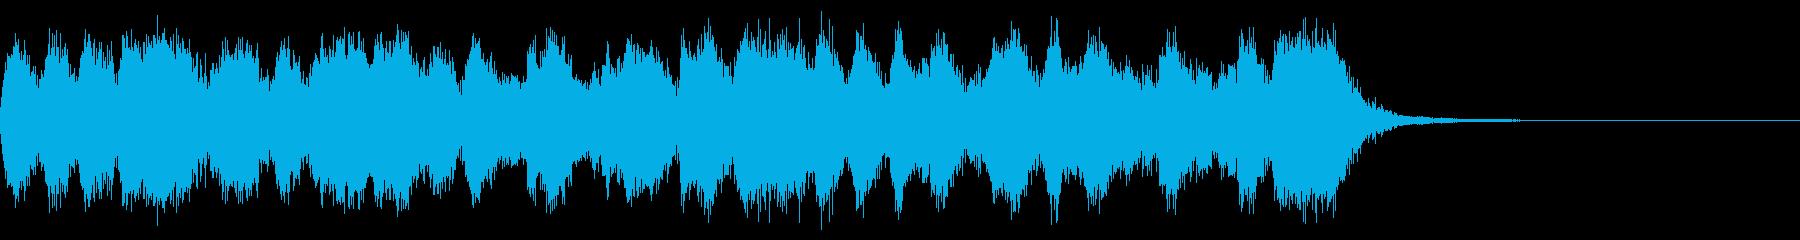 カートゥーン調のオープニングオーケストラの再生済みの波形